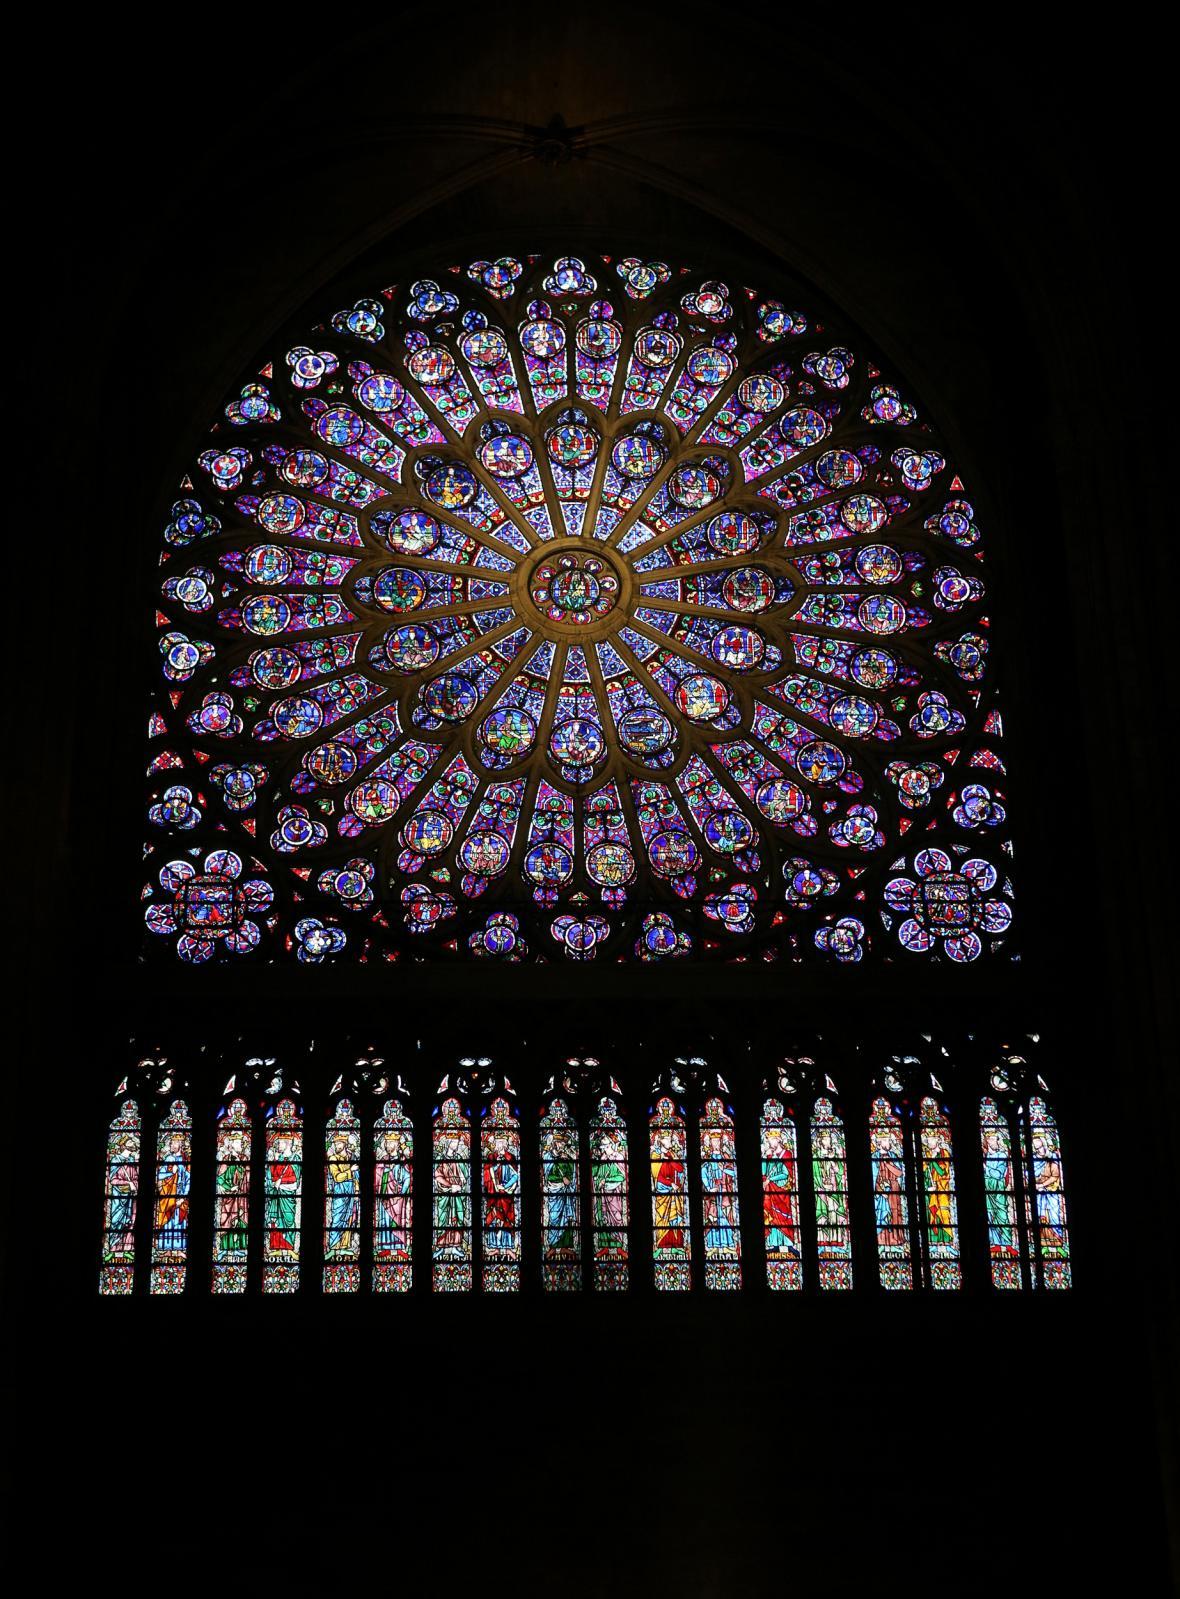 Vitrážová okna byla chloubou pařížské katedrály